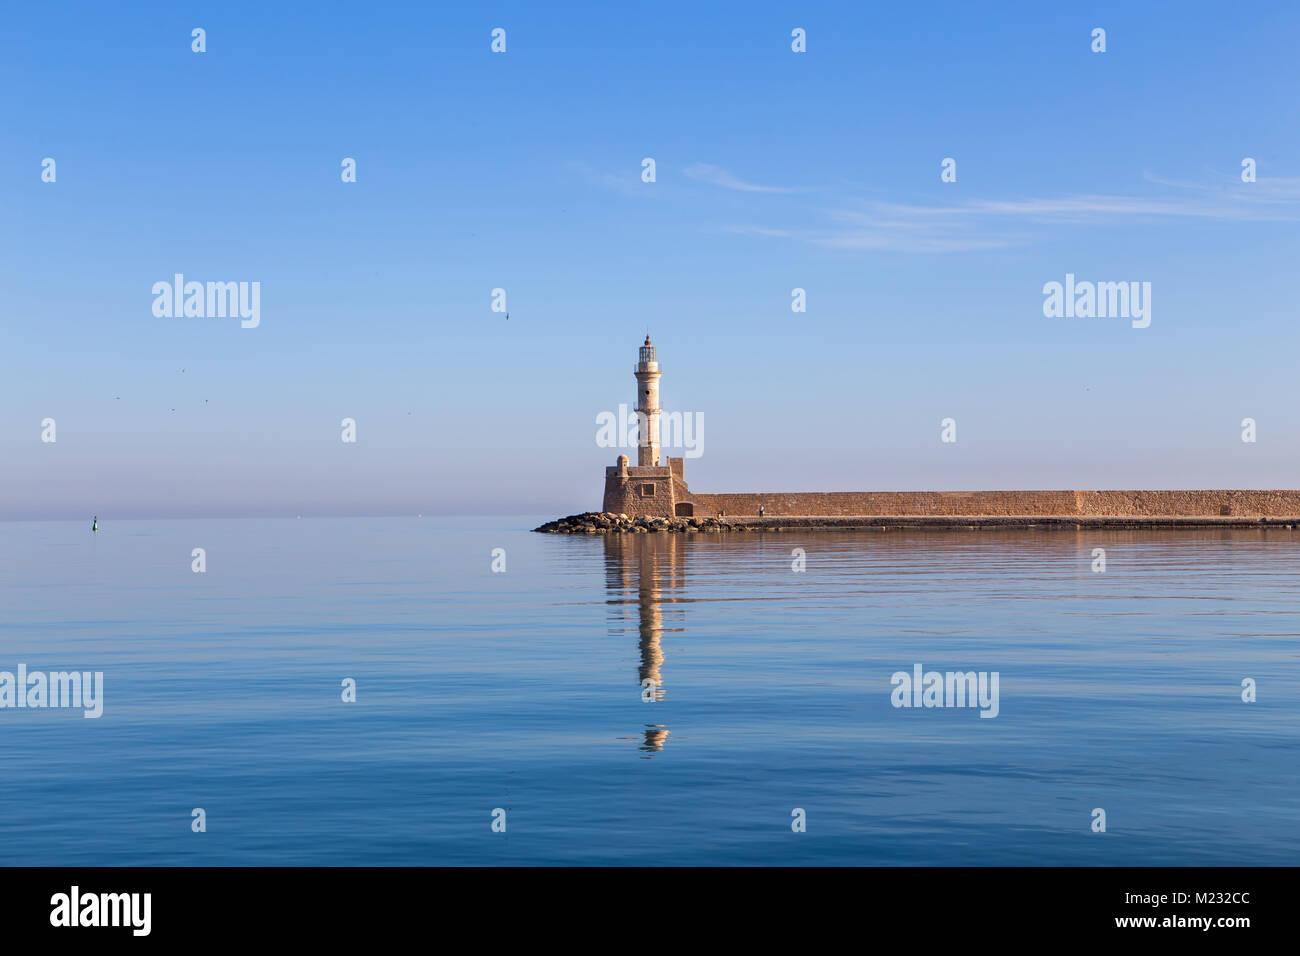 Faro en el mar en el horizonte. El mar está en calma, el cielo sin nubes Imagen De Stock